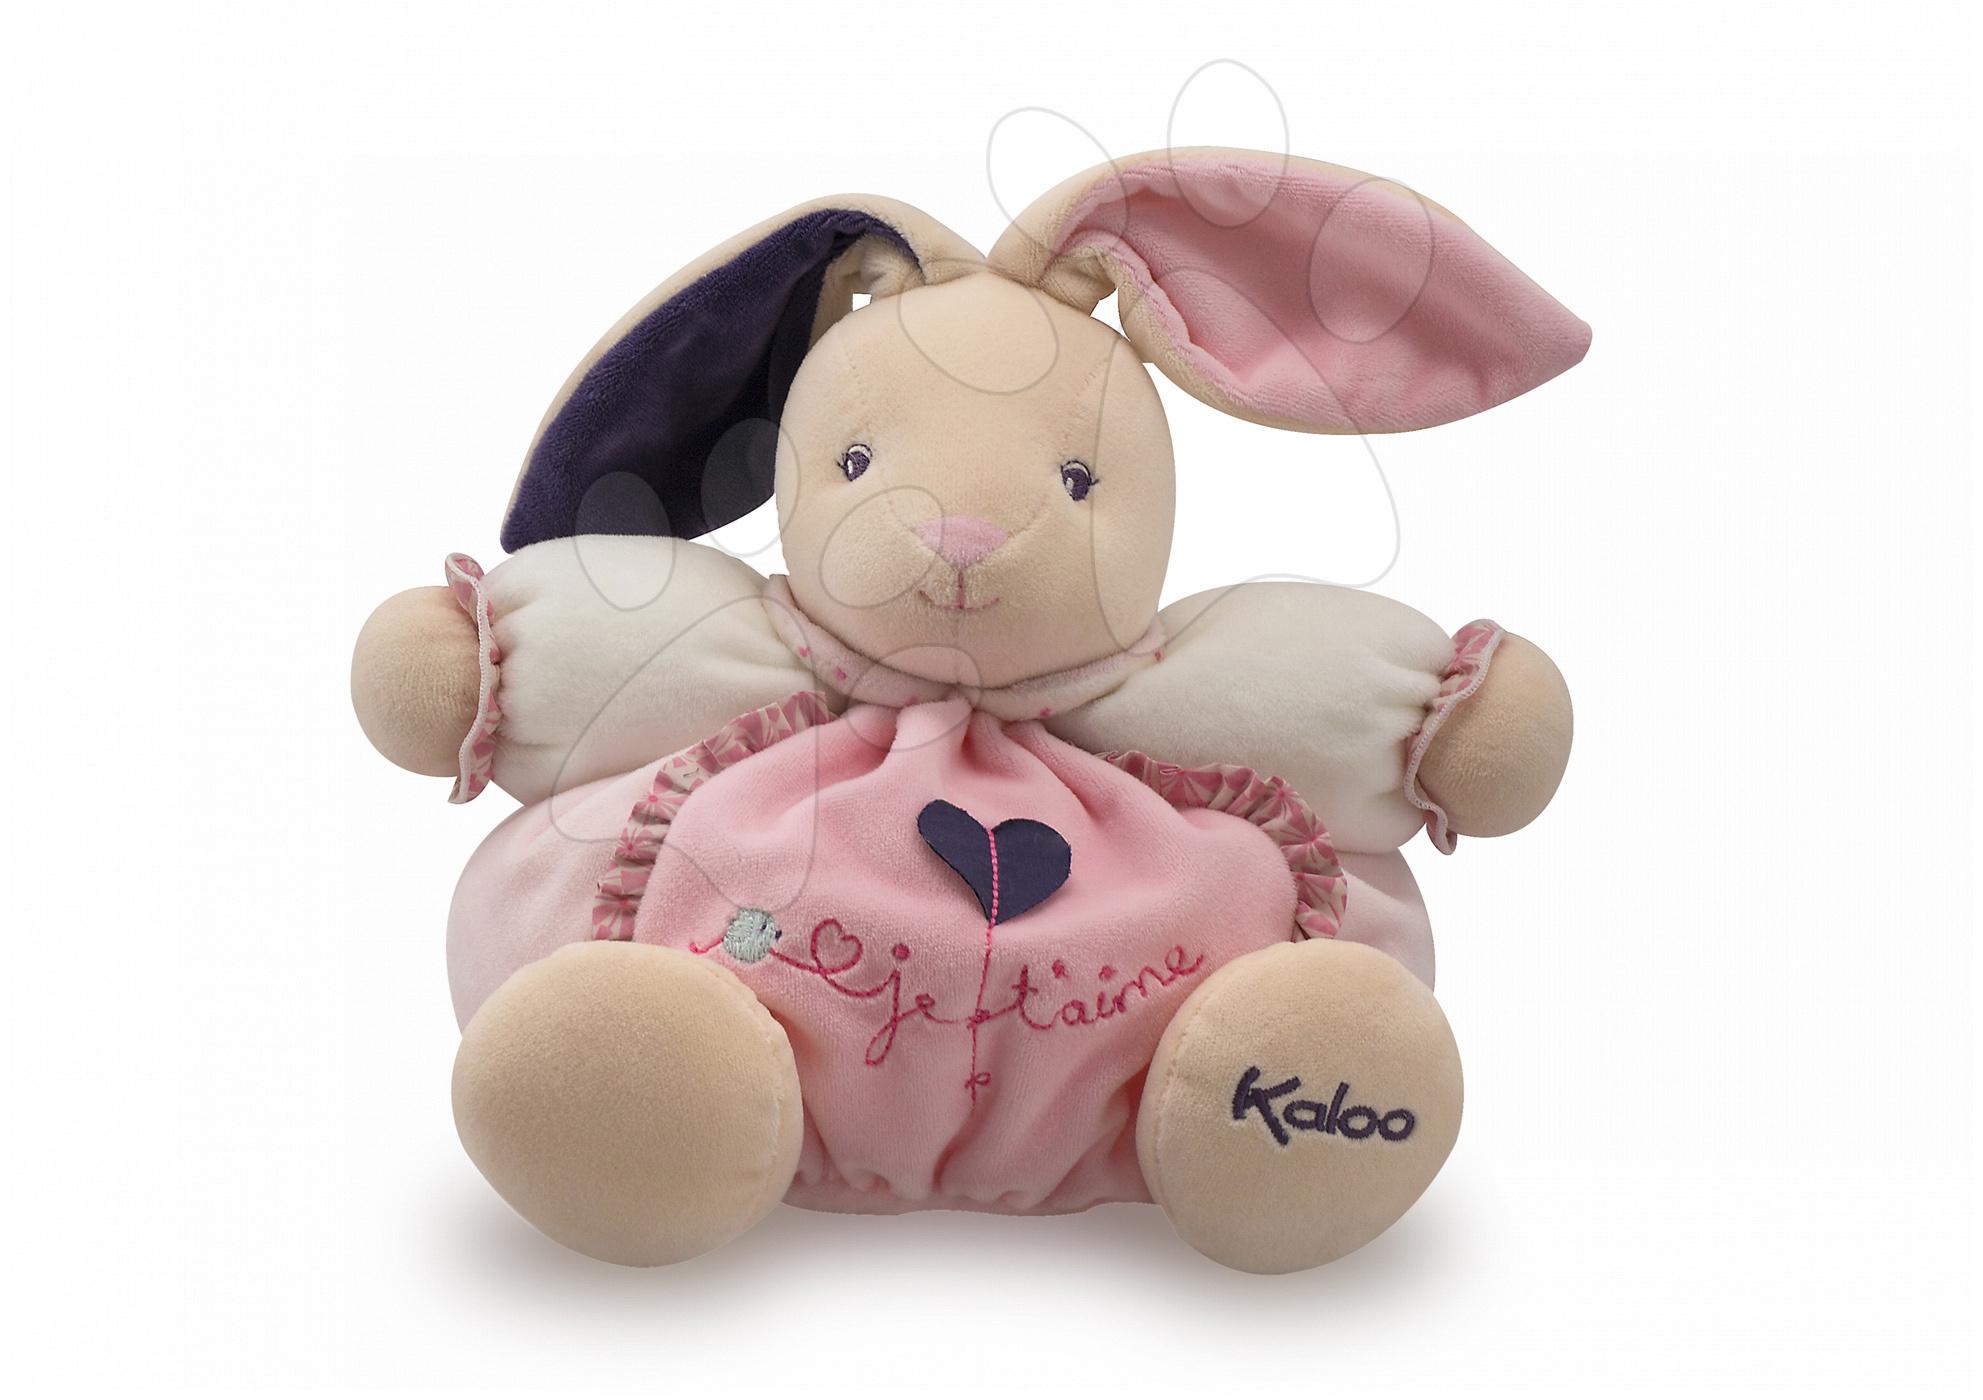 Plyšový zajačik Petite Rose-Chubby Rabbit Love Kaloo 25 cm v darčekovom balení pre najmenších ružový